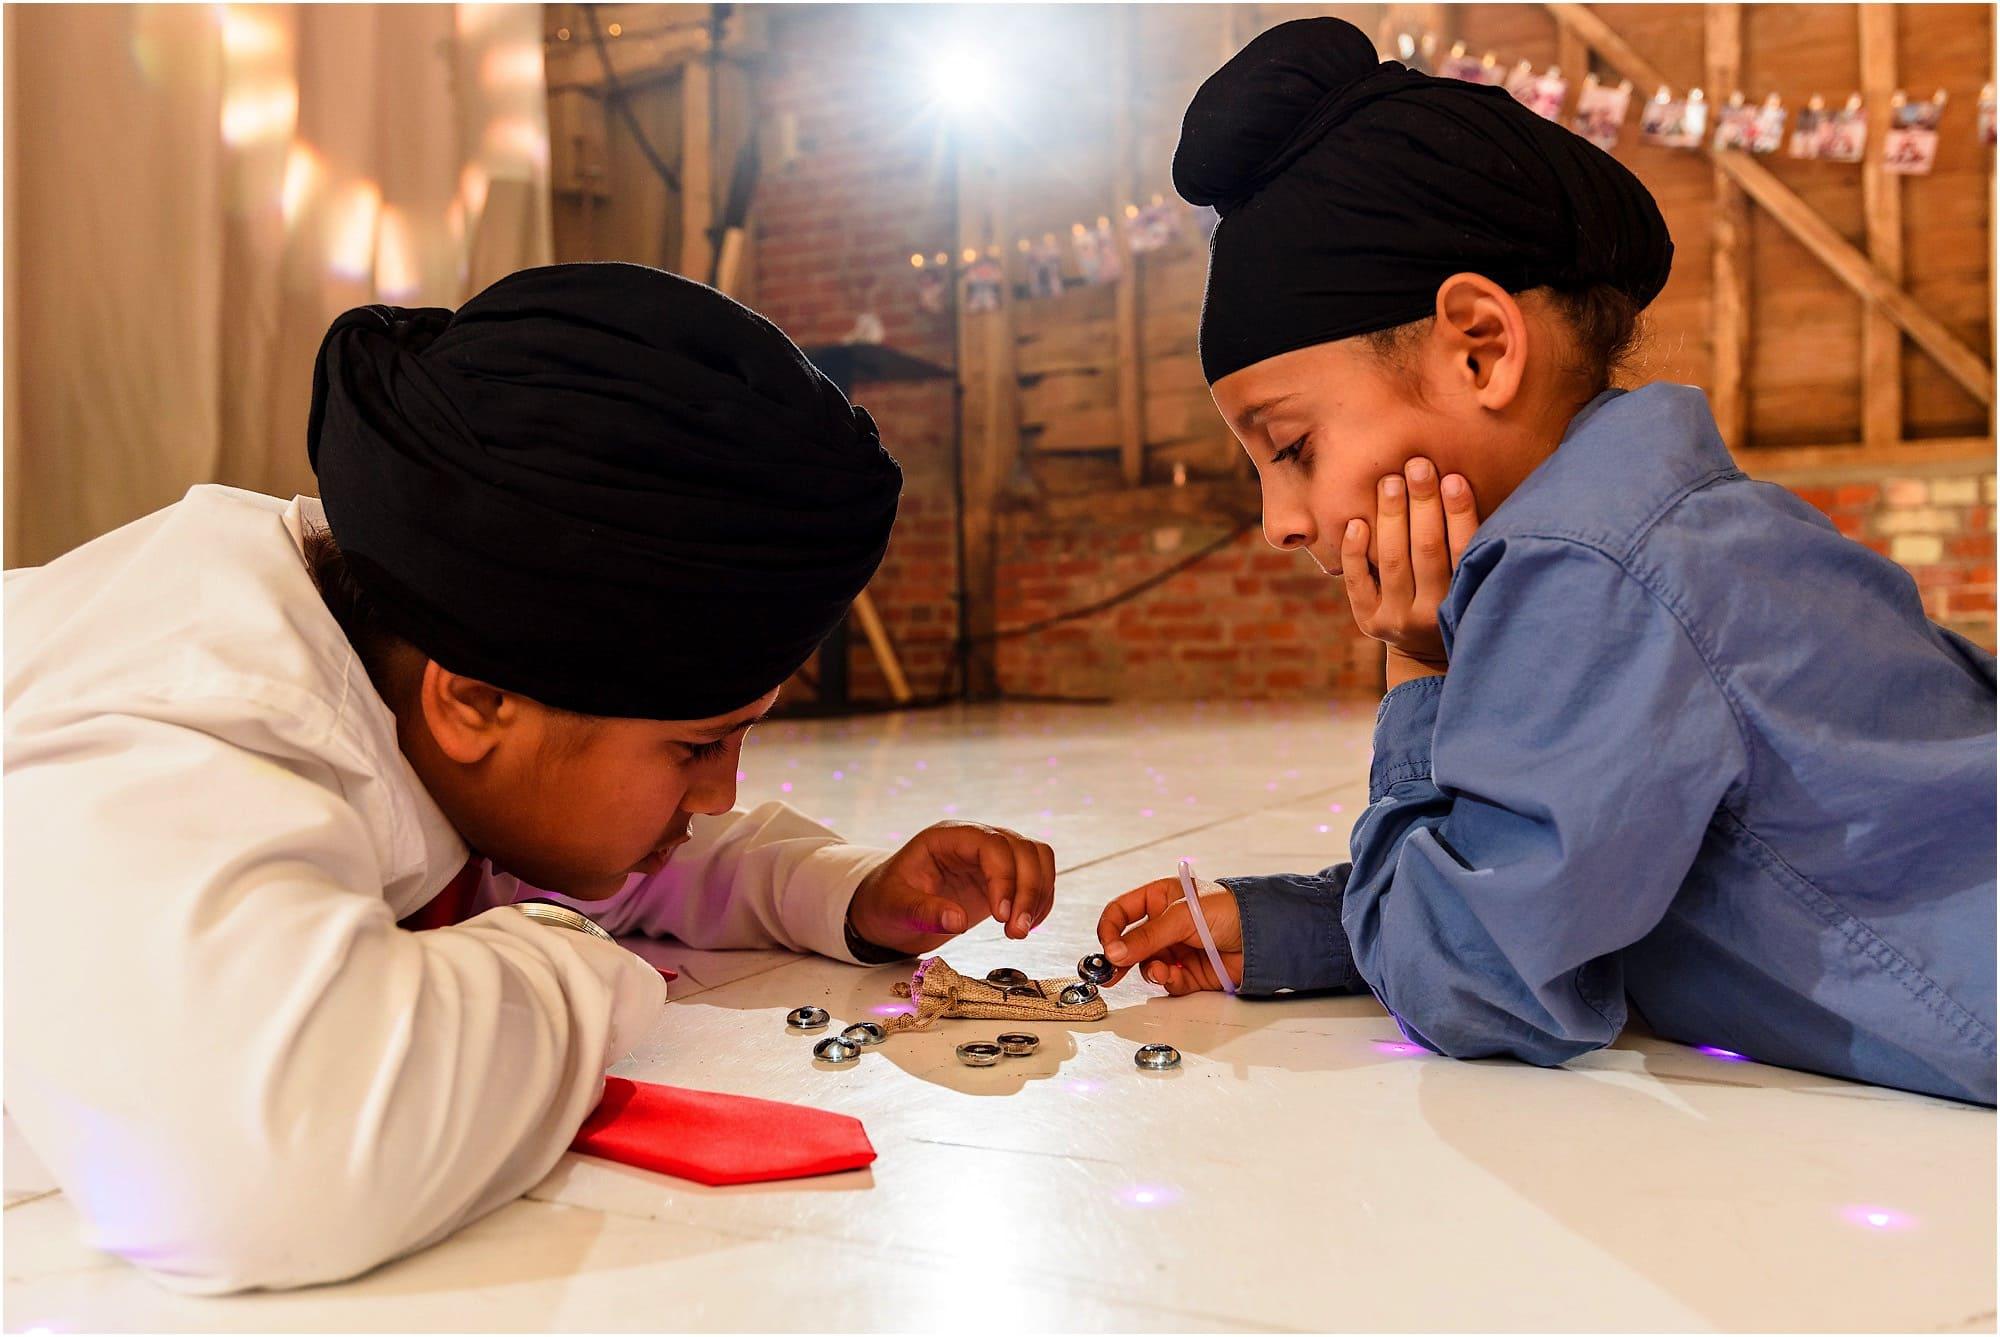 Sikh kids playing